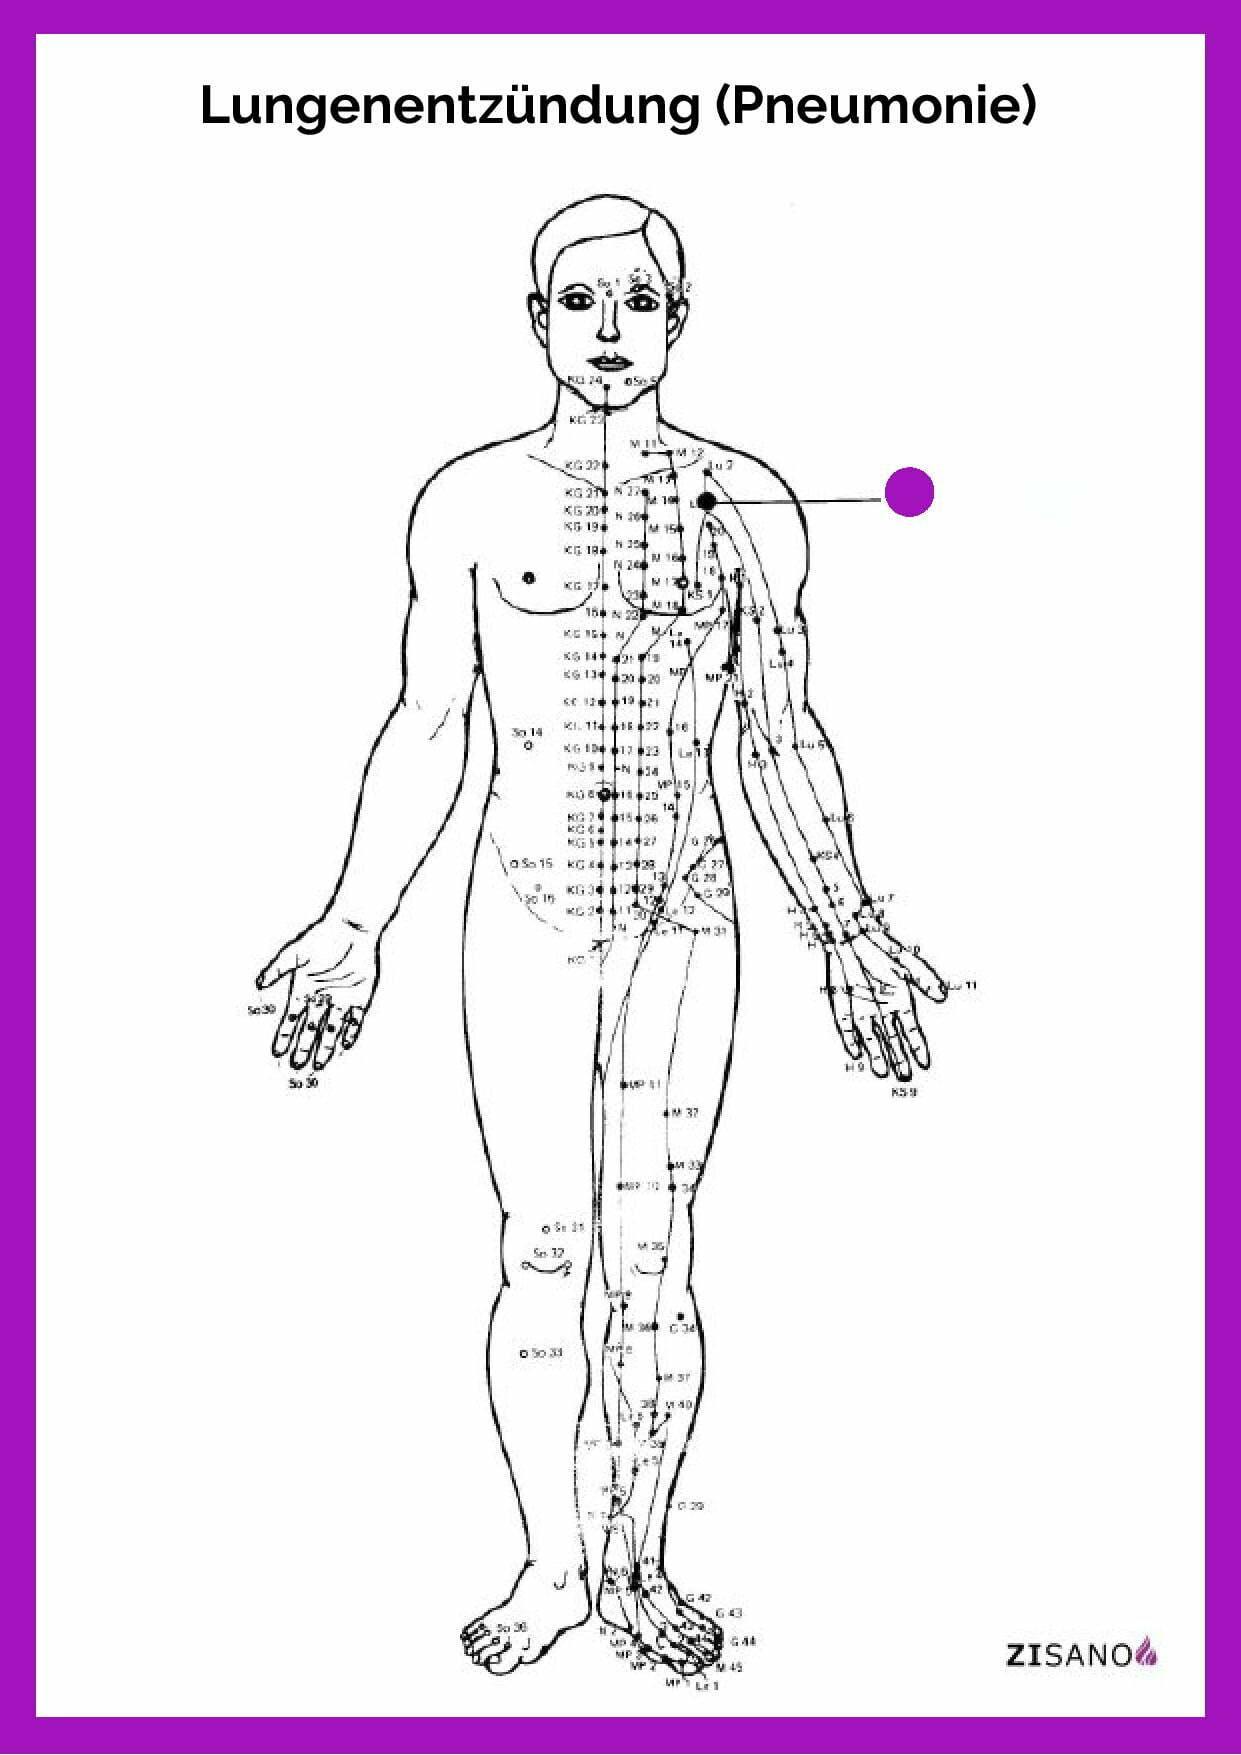 Meridiane - Lungenentzündung - Pneumonie - Beschwerde